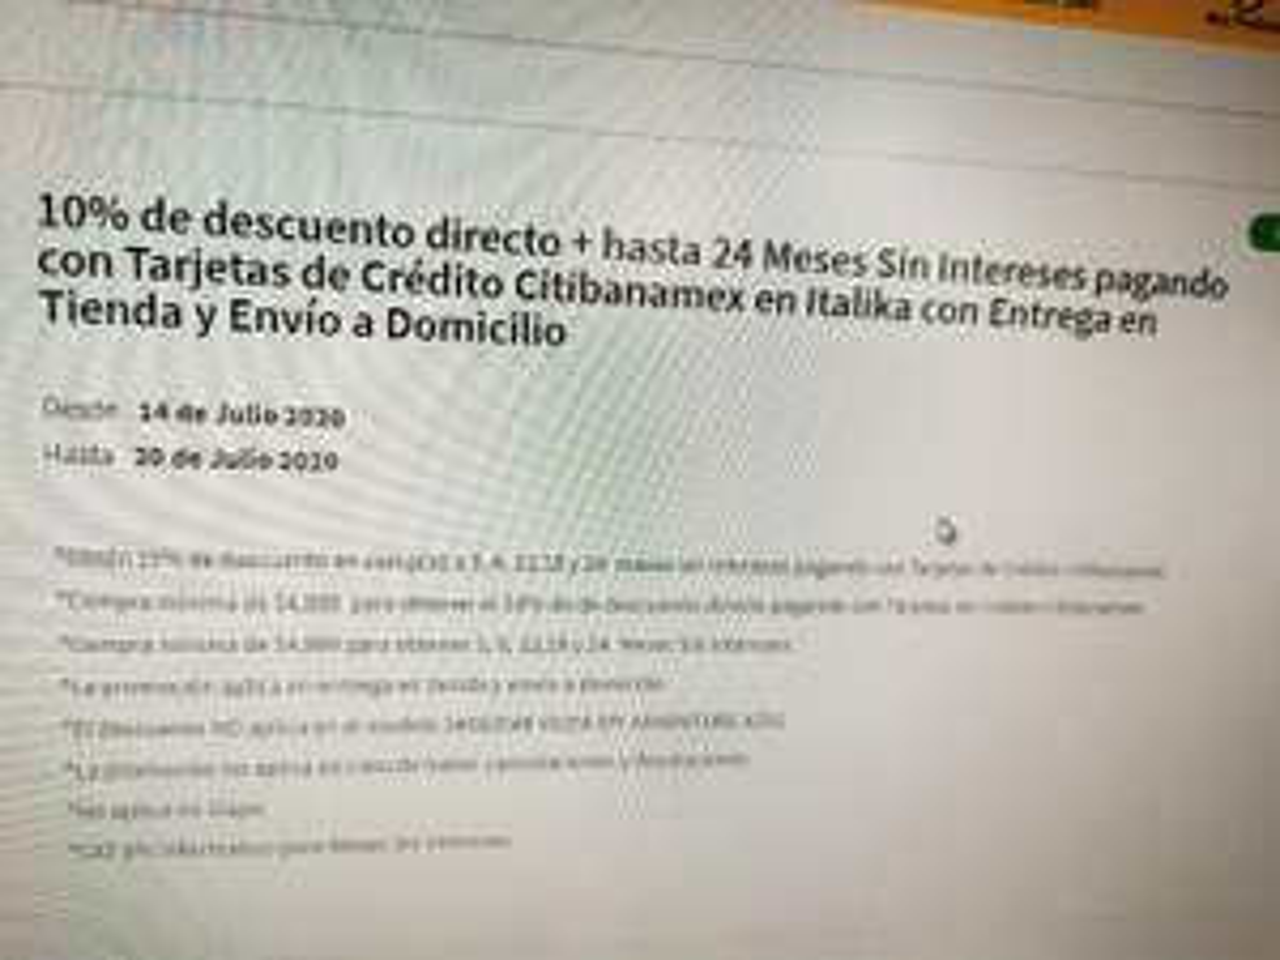 Elektra: 10% de descuento en Italika pagando con Banamex a 24 msi